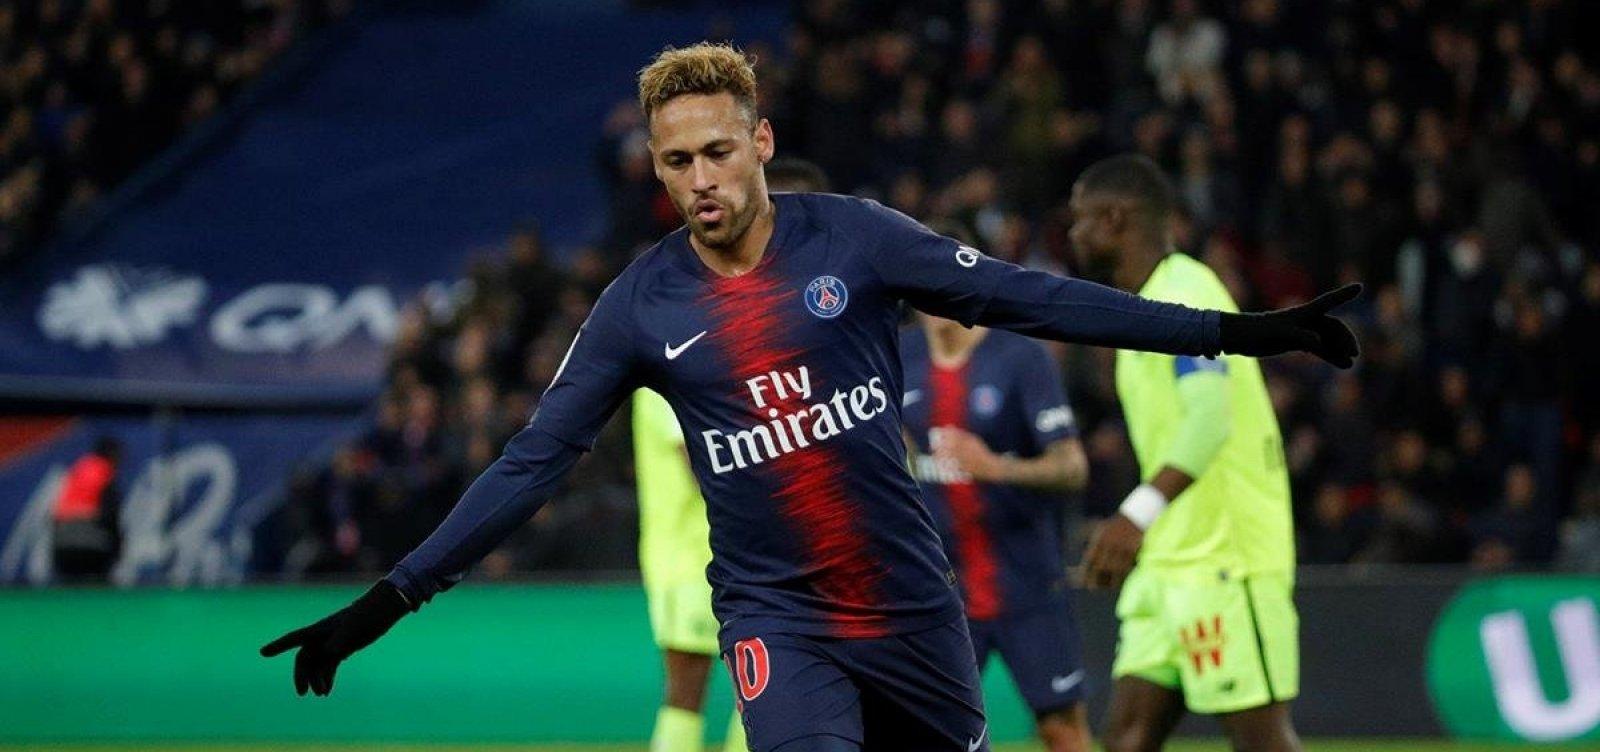 [Vazamentos indicam que Neymar recebia bônus por saudar torcida e não criticar técnico]